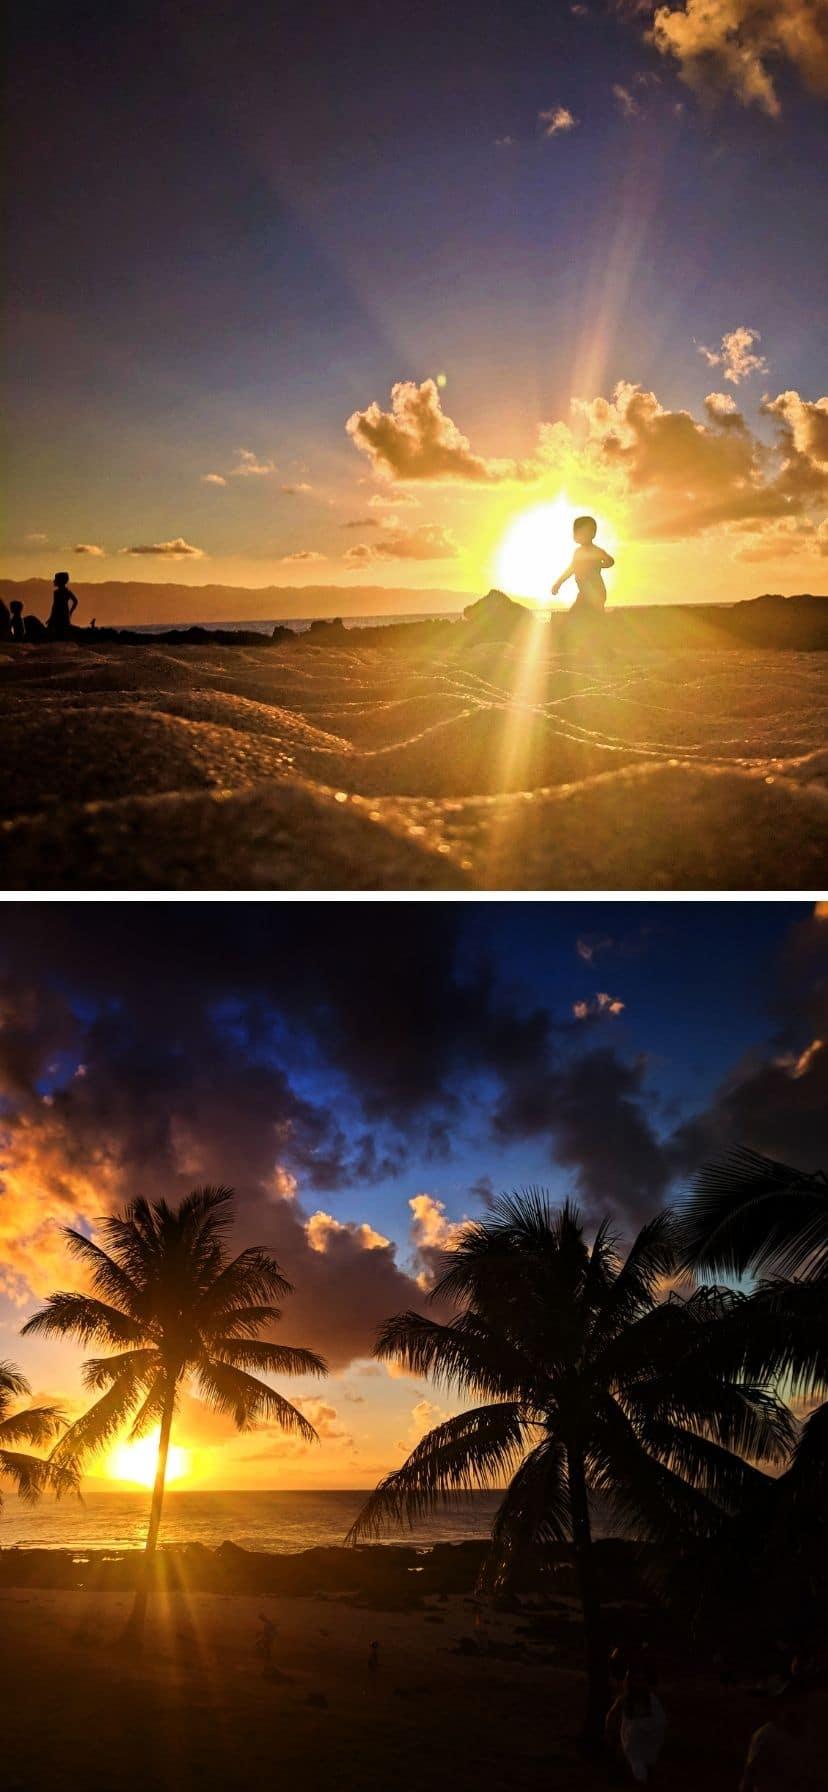 Sunset Beach at Pupukea, Oahu North Shore